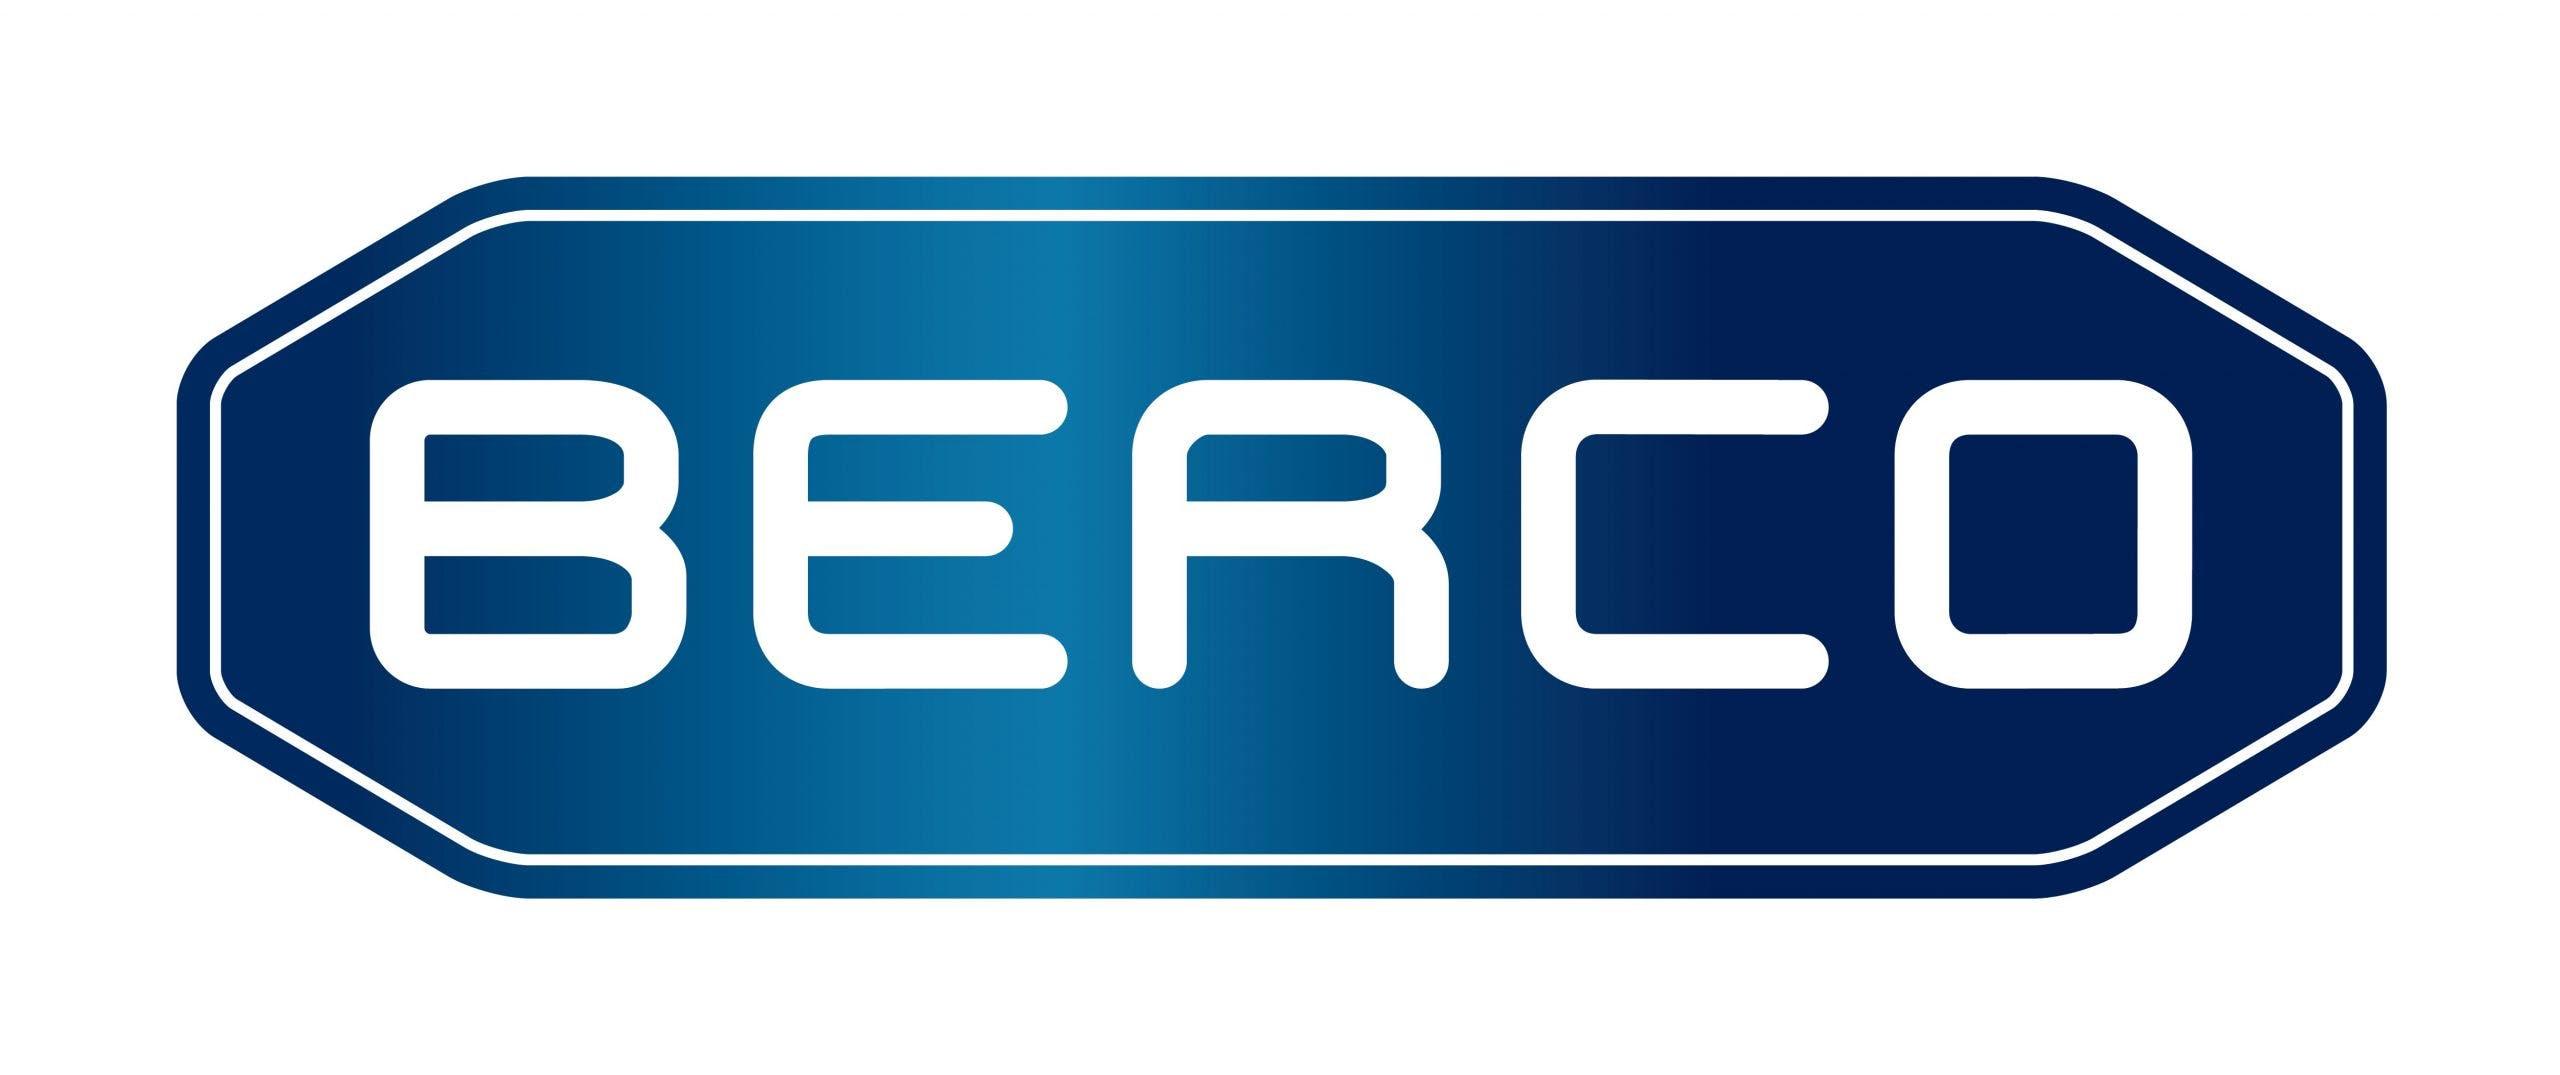 Berco Truck Components